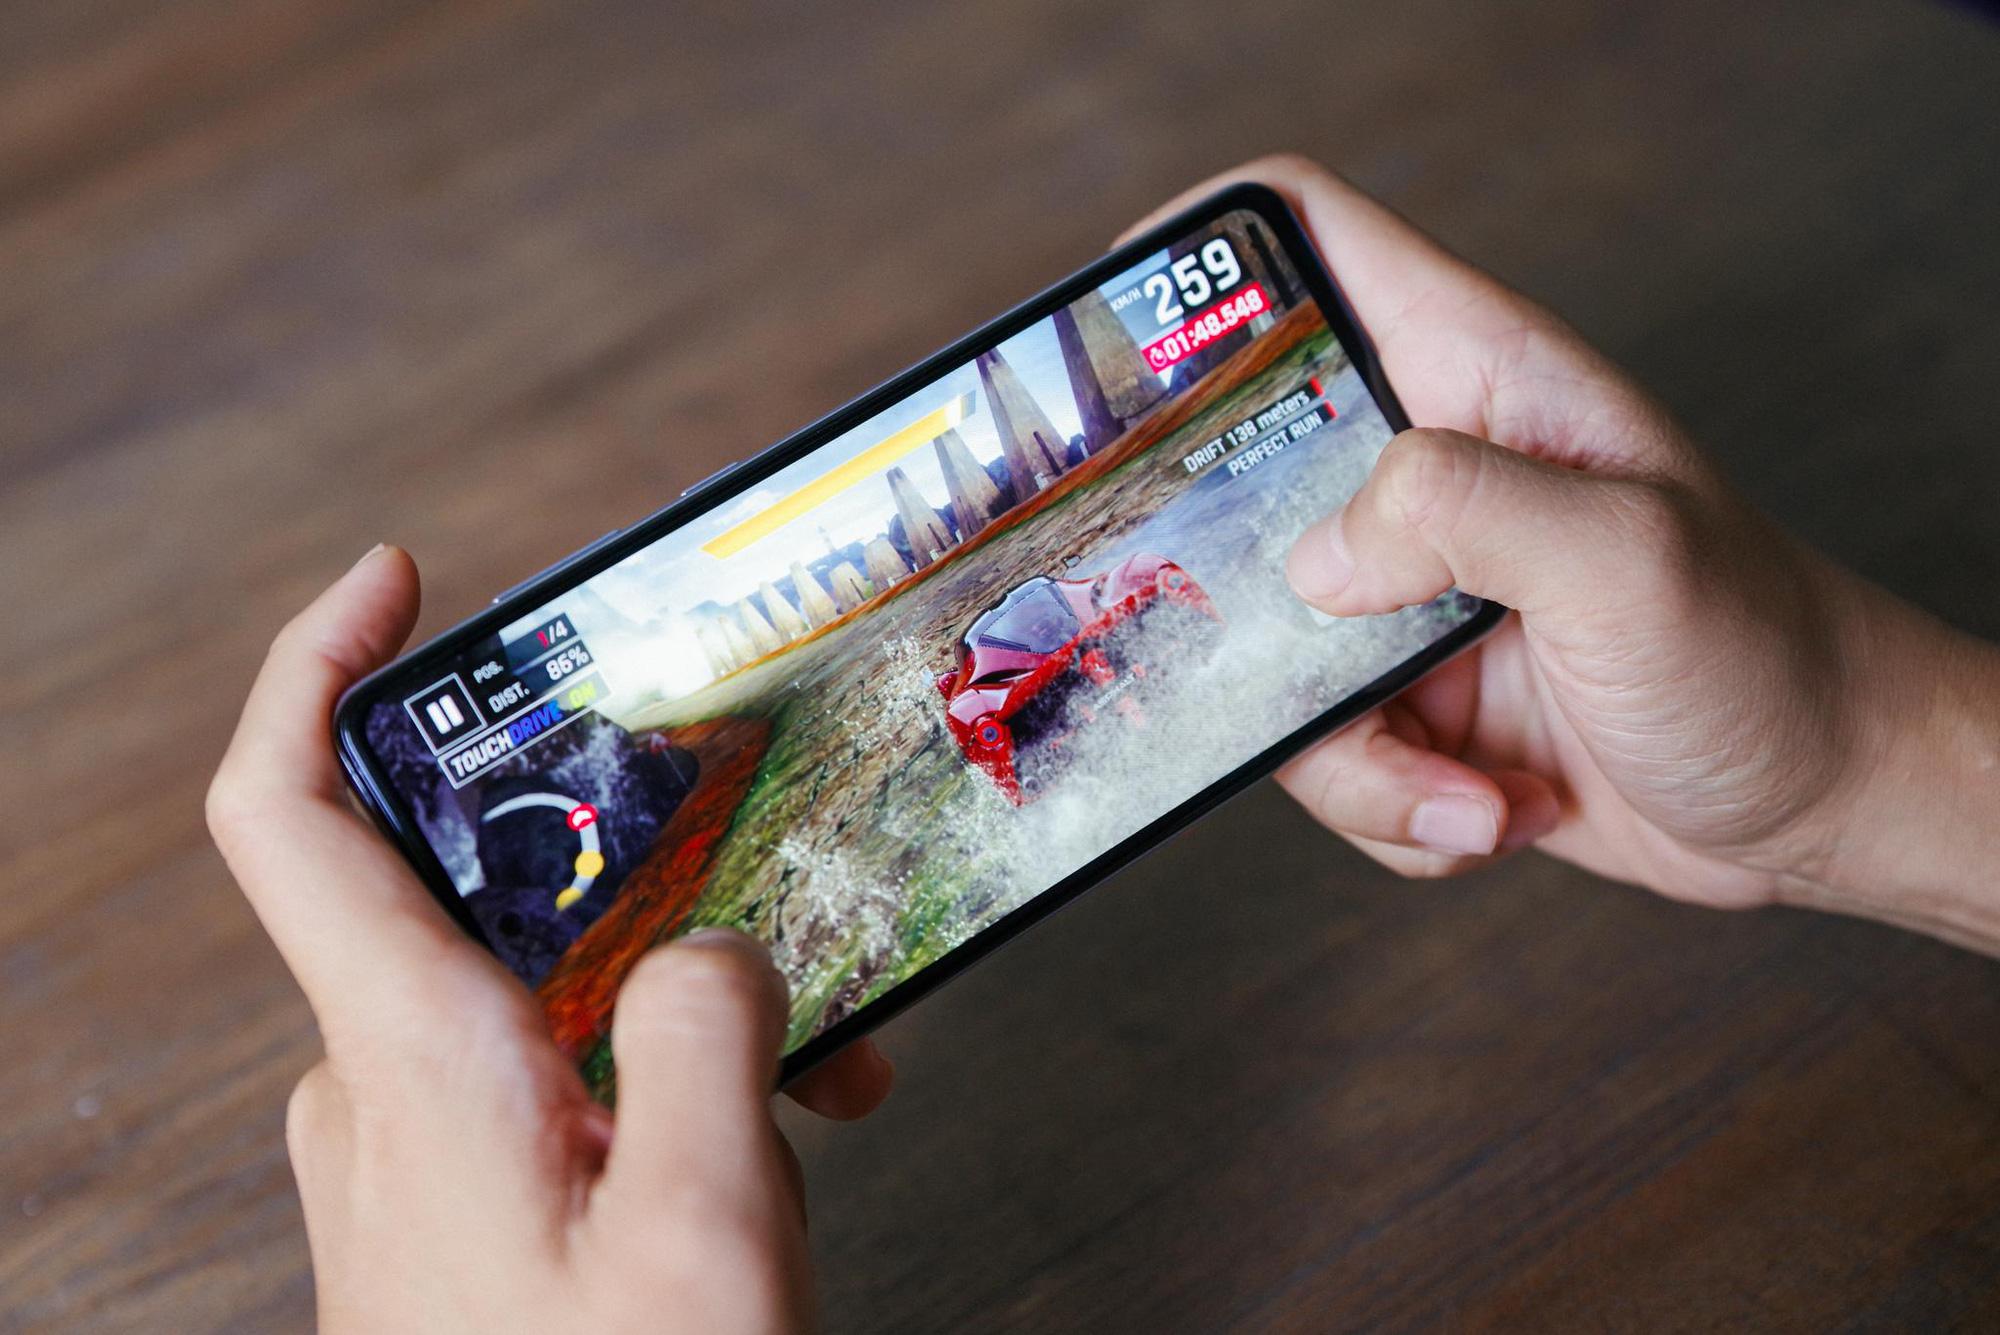 Với những công nghệ này, Galaxy A Series năm nay sẽ là smartphone ở mức giá tầm trung có lực chiến cao nhất hiện tại - Ảnh 3.